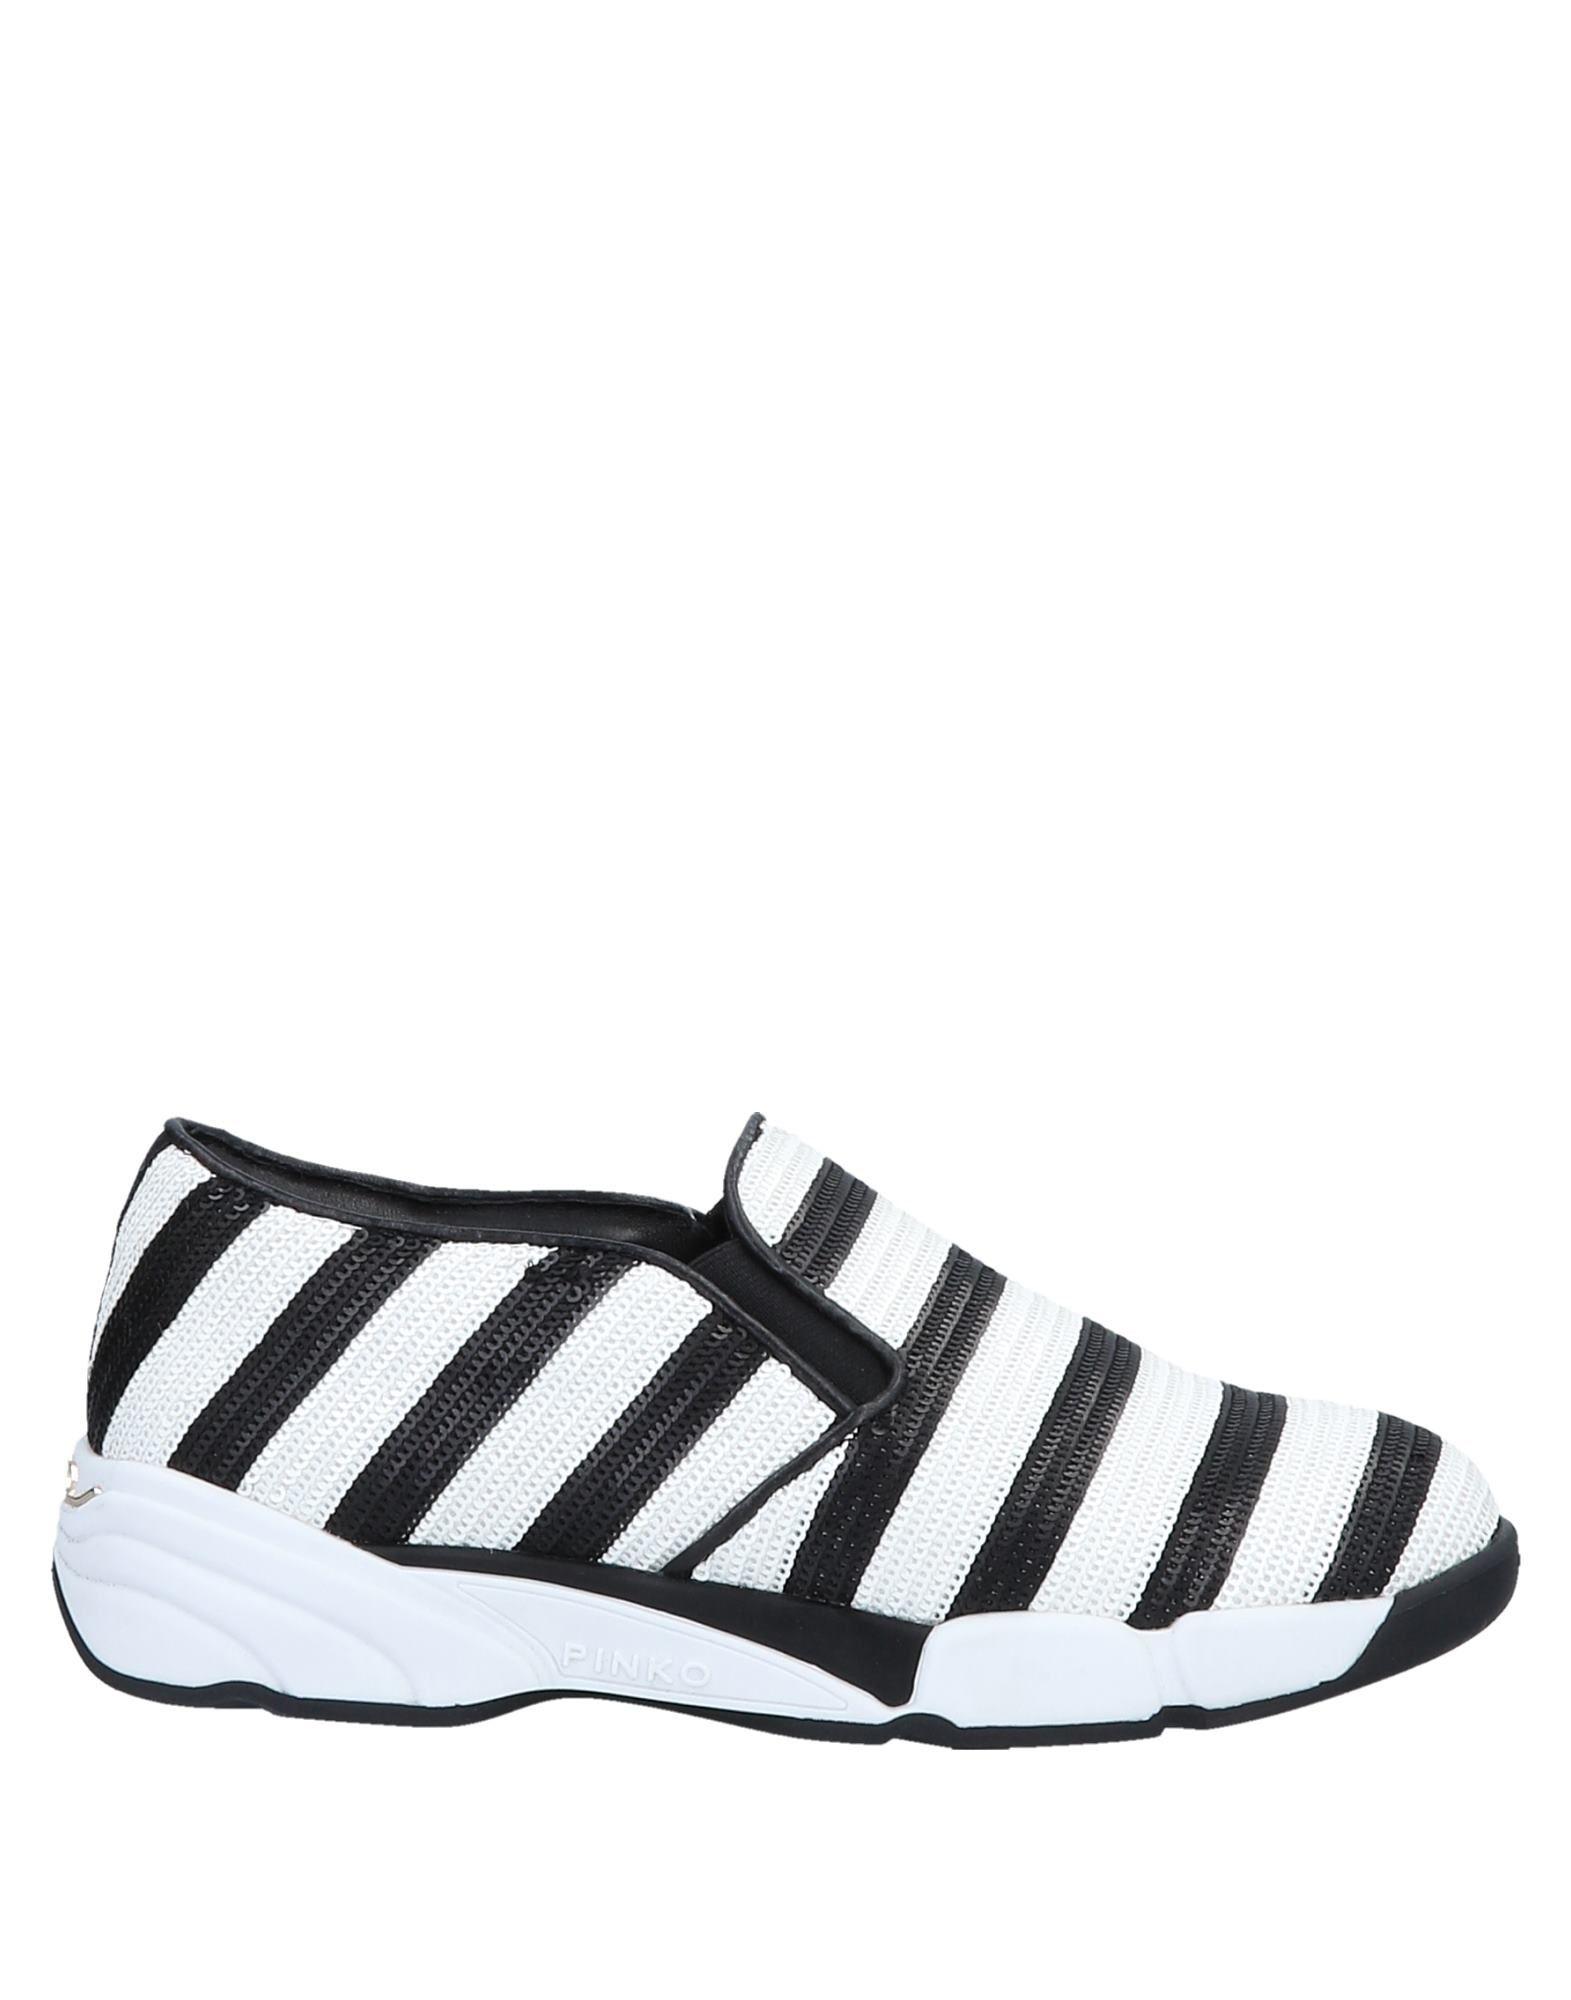 Stilvolle billige Schuhe Pinko Sneakers 11571940AP Damen  11571940AP Sneakers 9e6399